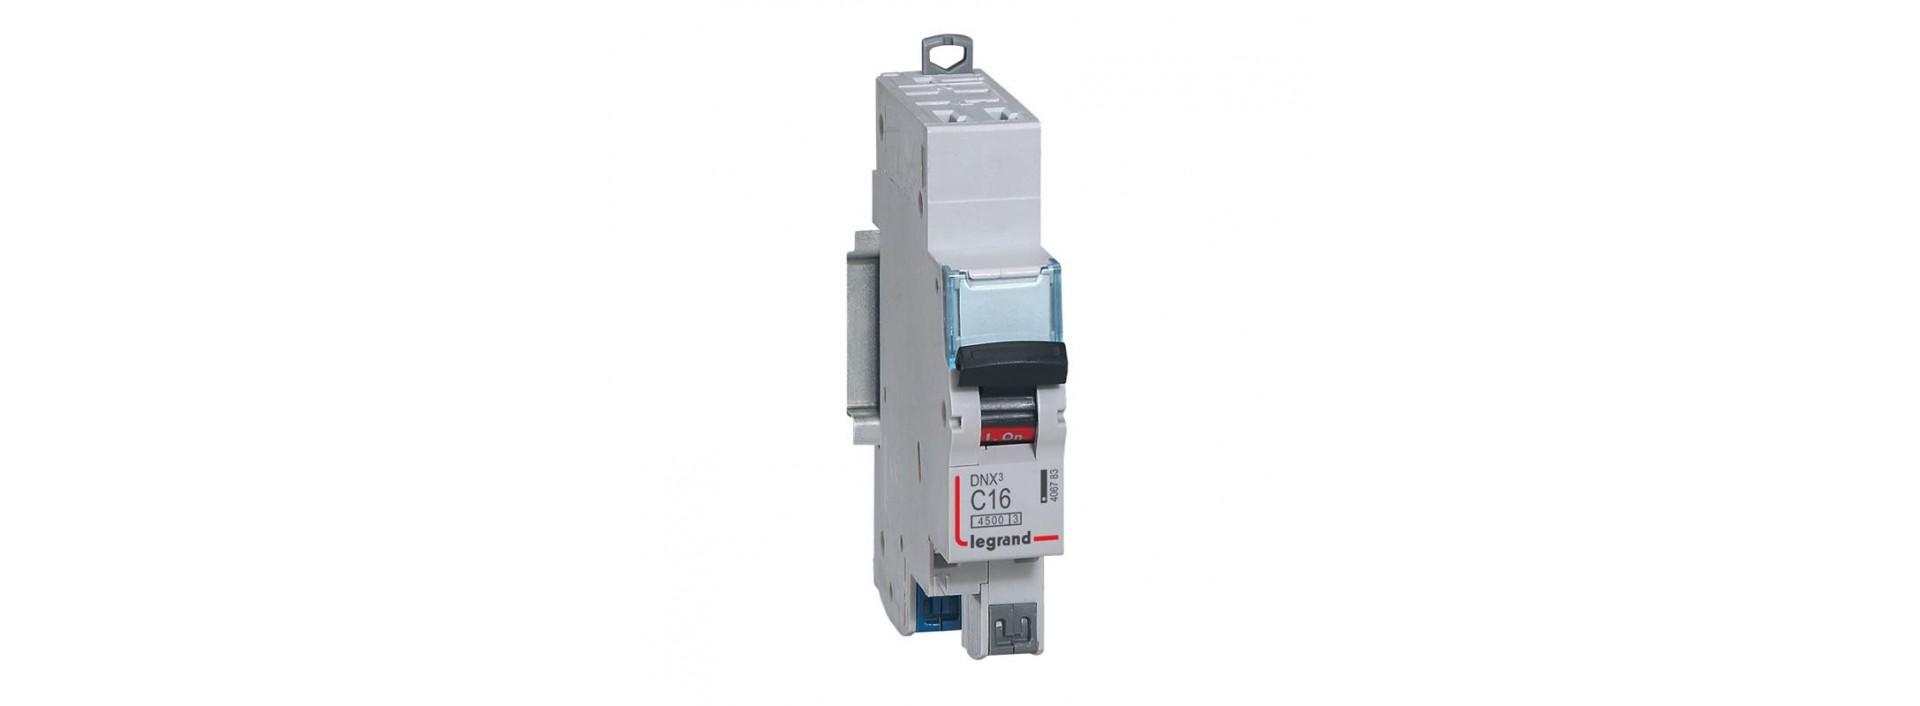 Disjoncteur Legrand, interrupteur différentiel et télérupteur